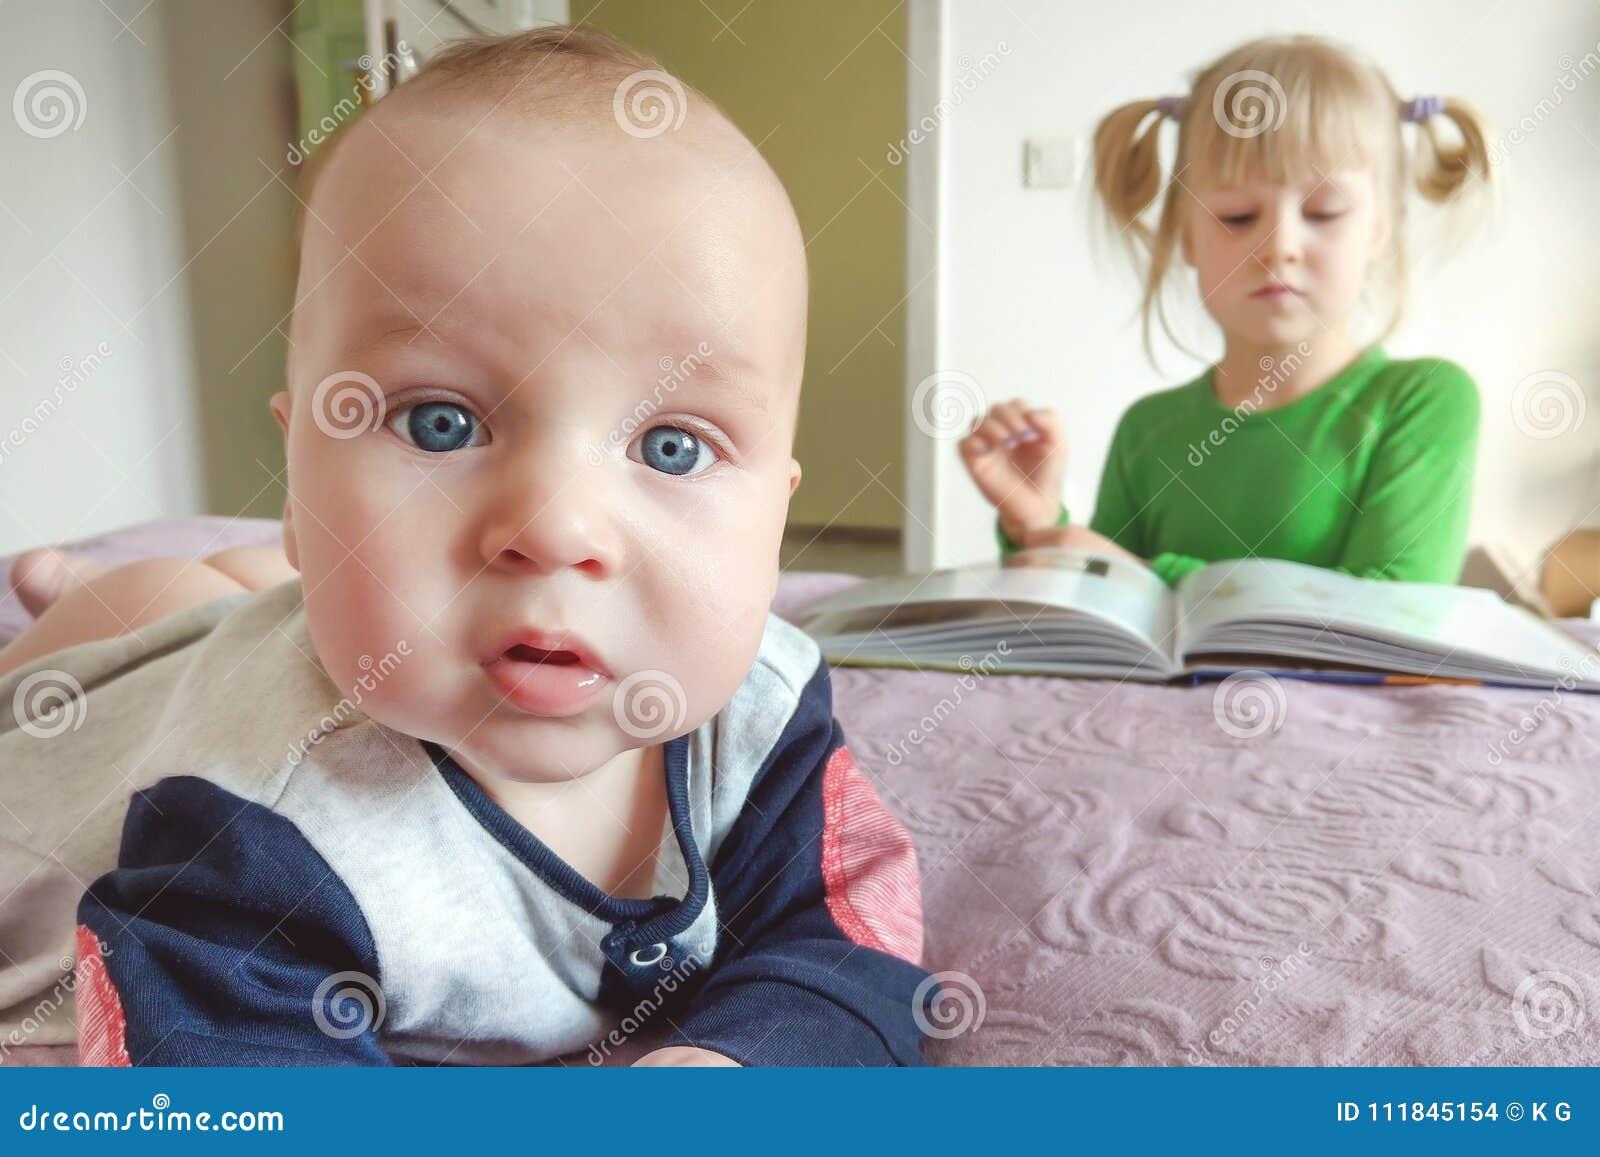 Retrato do menino infantil pequeno pensativo que faz o selfie em uma cama Livro de leitura da irmã no fundo Interesses diferentes